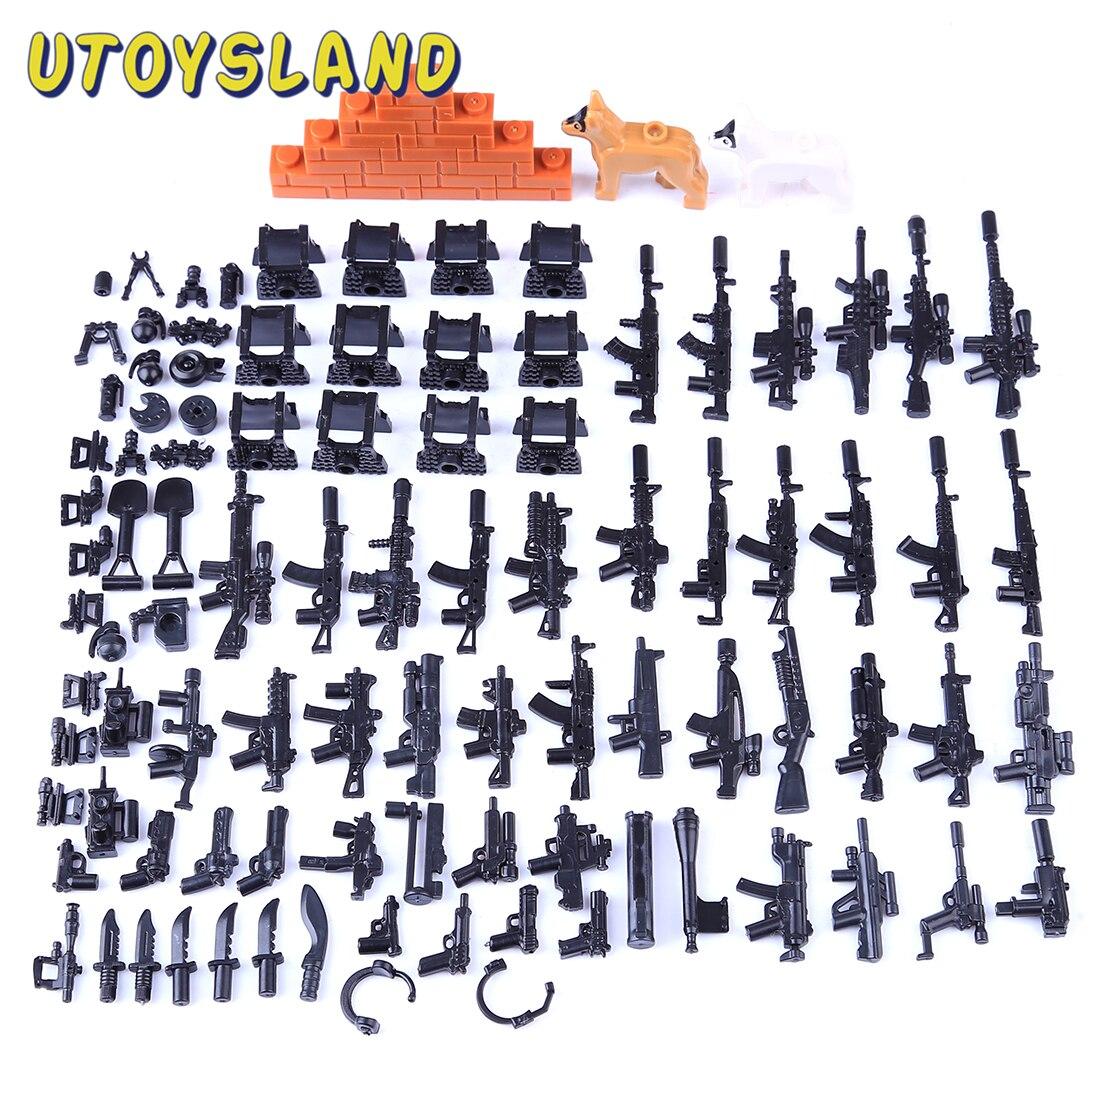 [해외]뜨거운 DIY 작은 입자 빌딩 블록 군사 무기 액세서리 장난감 세트 어린이를위한 빌딩 블록 완구-현대 특수 부대/뜨거운 DIY 작은 입자 빌딩 블록 군사 무기 액세서리 장난감 세트 어린이를위한 빌딩 블록 완구-현대 특수 부대